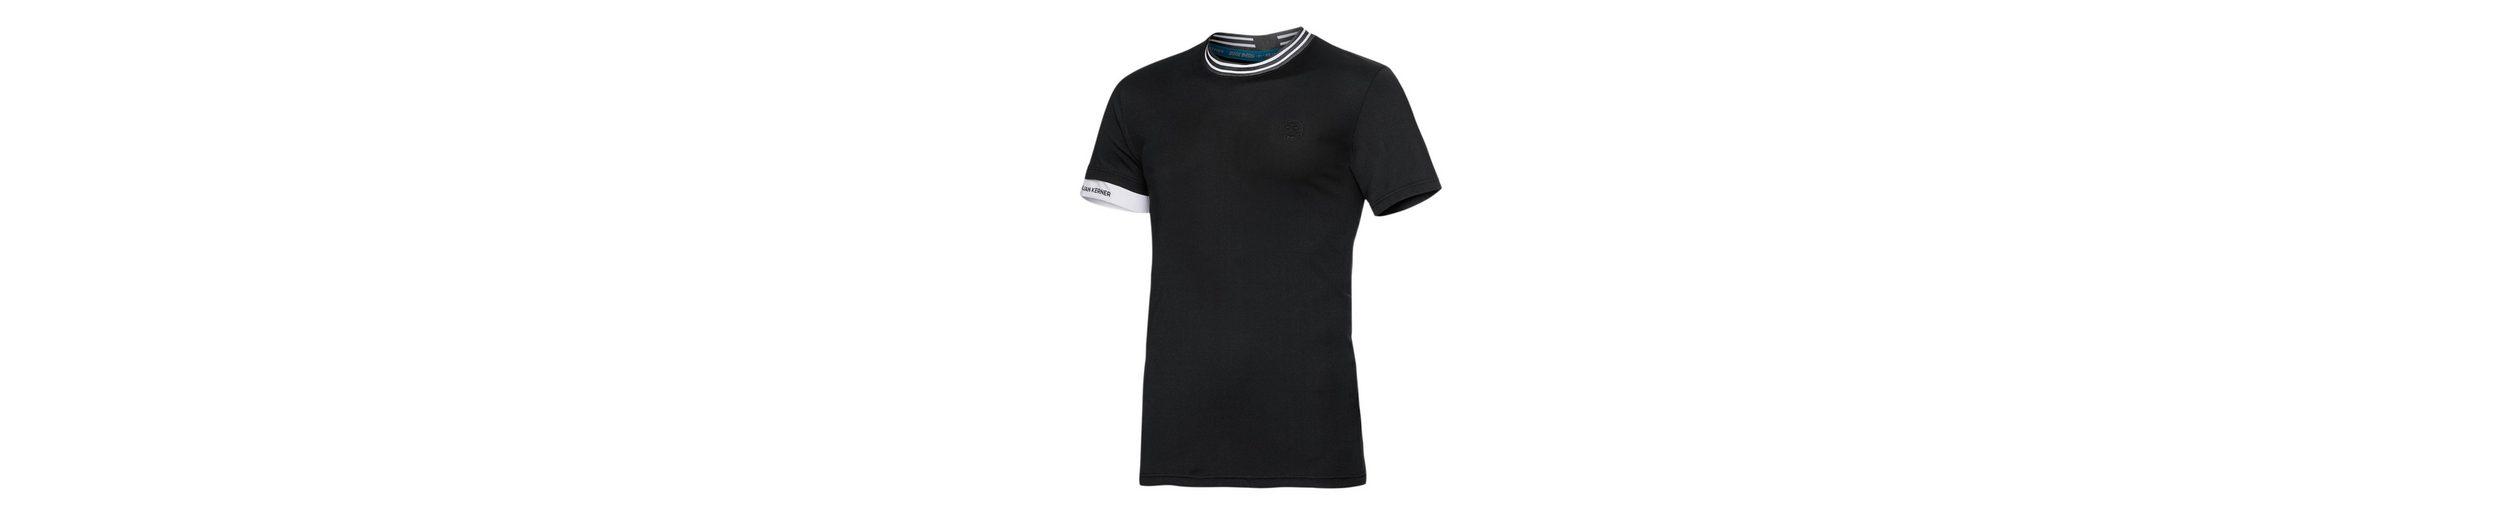 BIDI BADU Tennis T-Shirt der neuen Generation  Wie Viel Rabatt Beste Billig Zahlen Mit Paypal XRN5kSw5